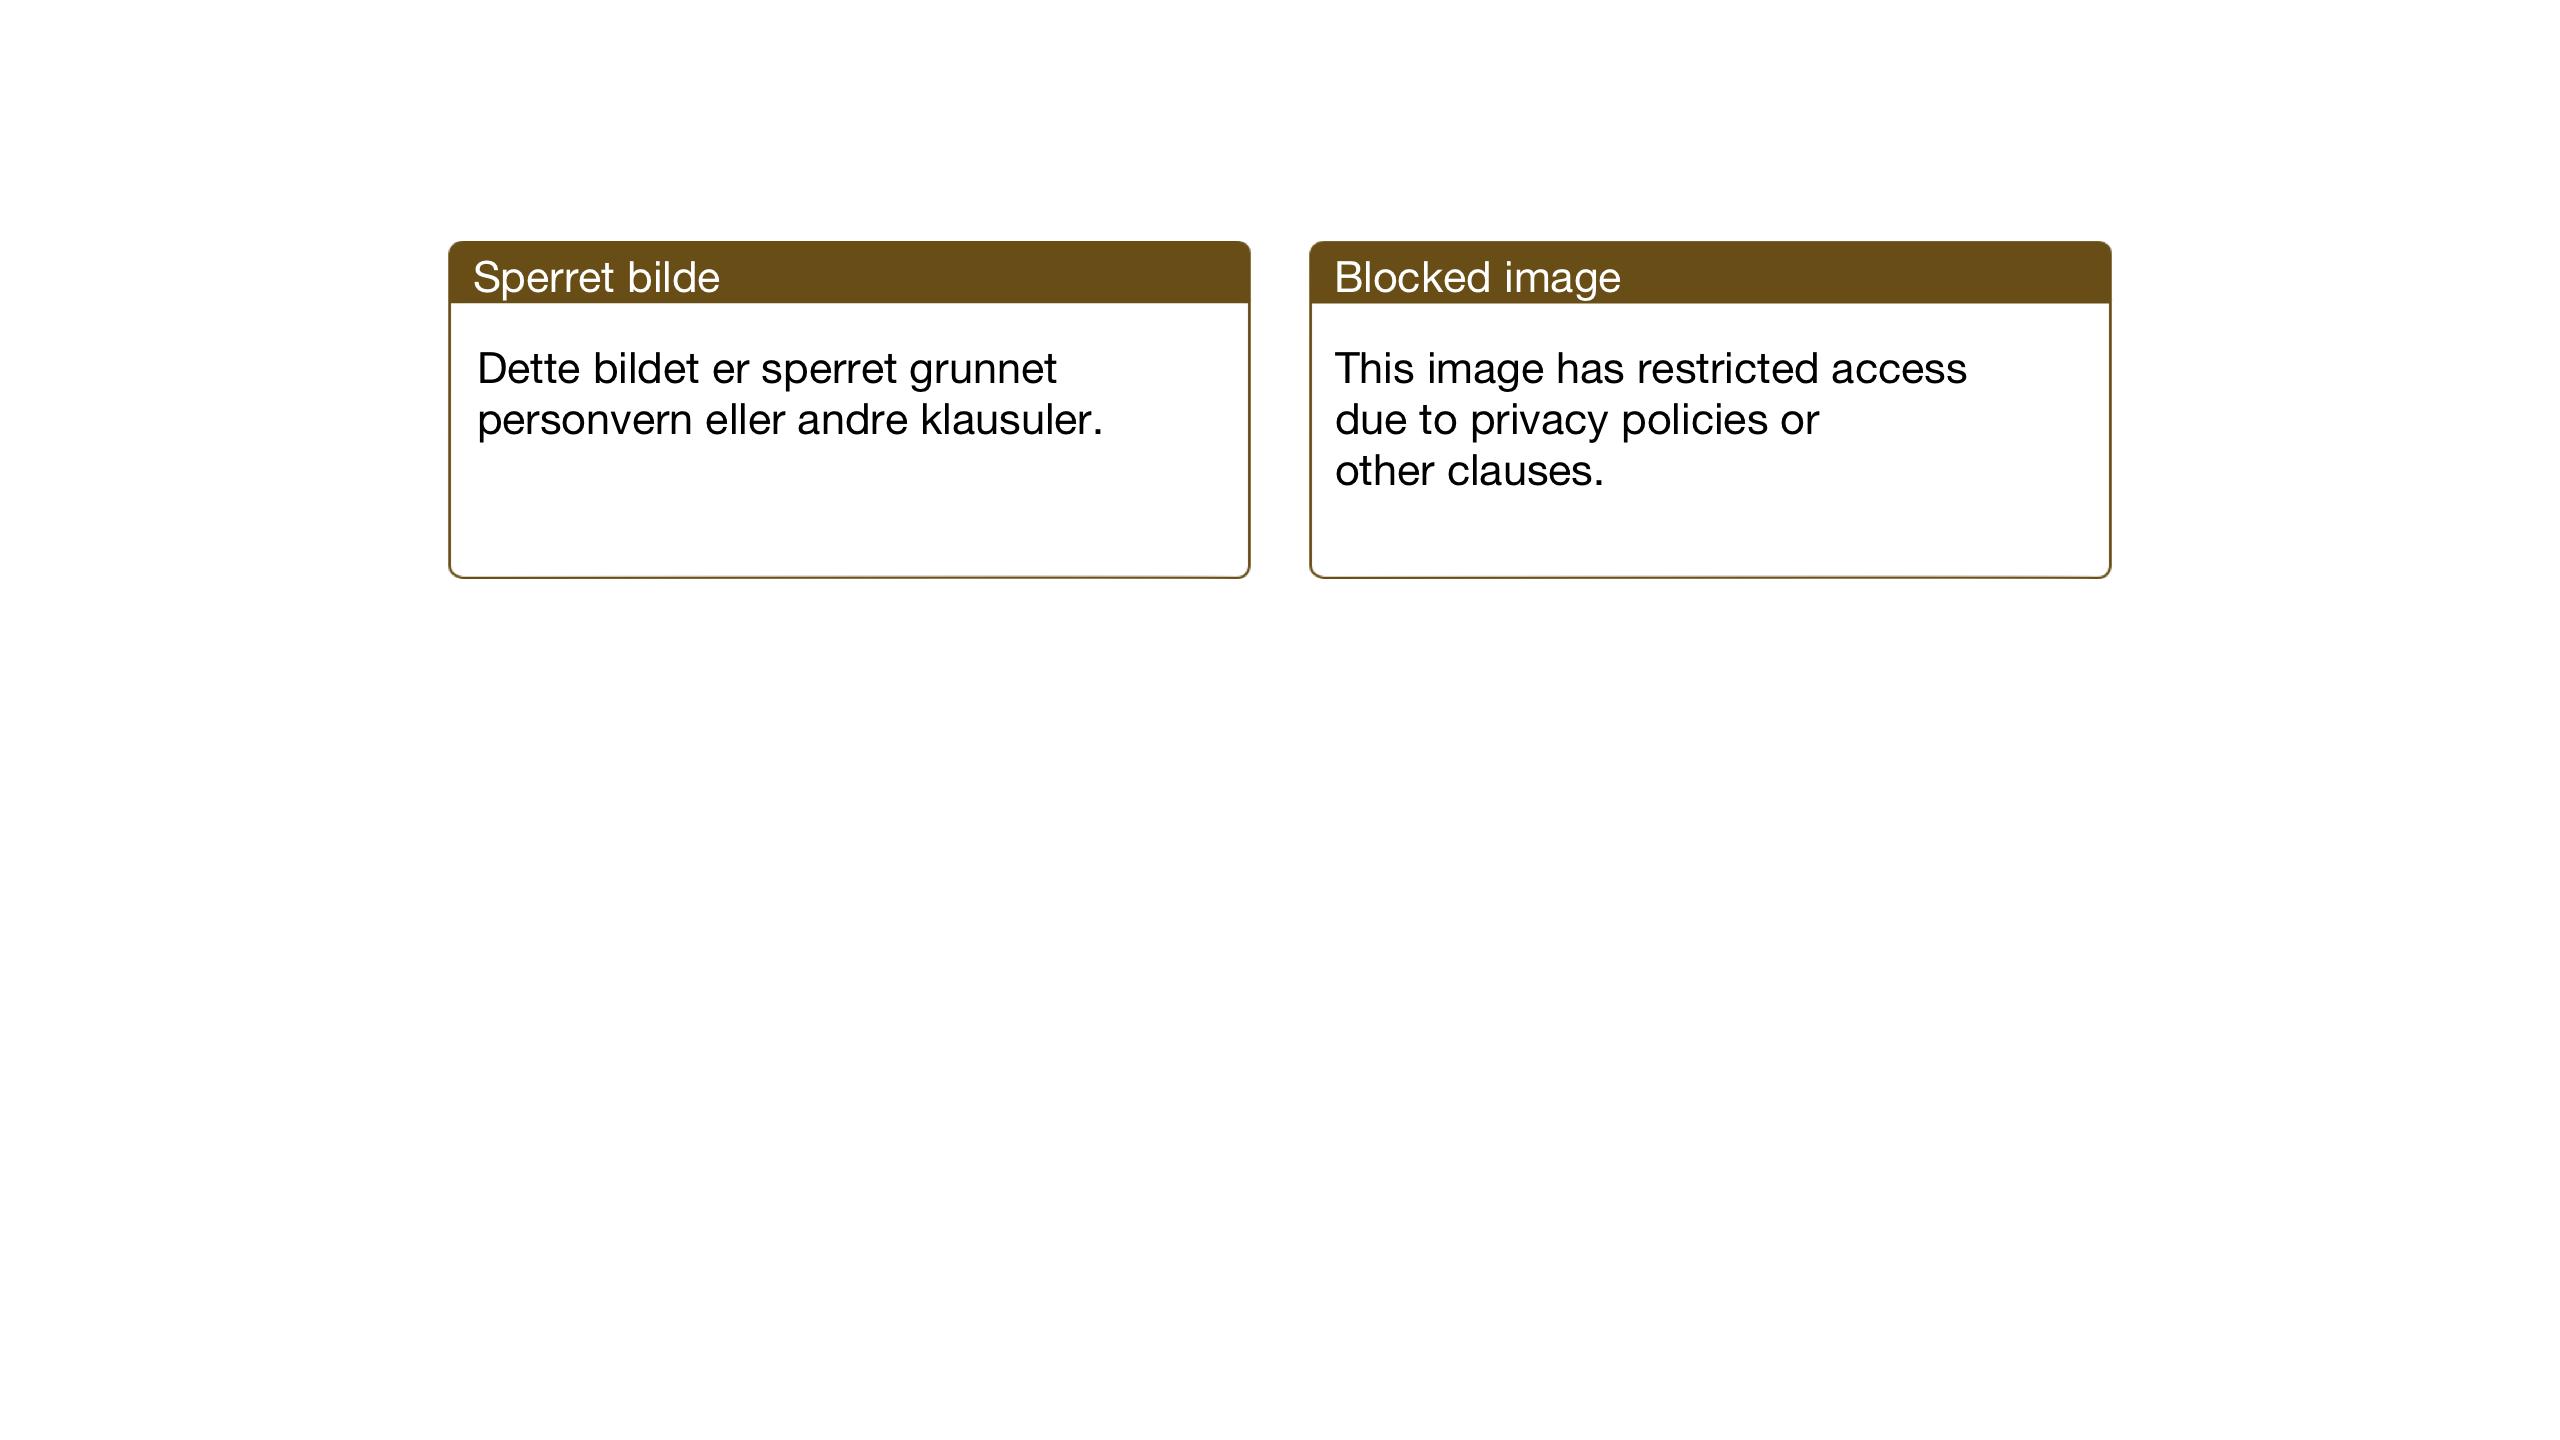 SAT, Ministerialprotokoller, klokkerbøker og fødselsregistre - Nord-Trøndelag, 730/L0304: Klokkerbok nr. 730C07, 1934-1945, s. 37